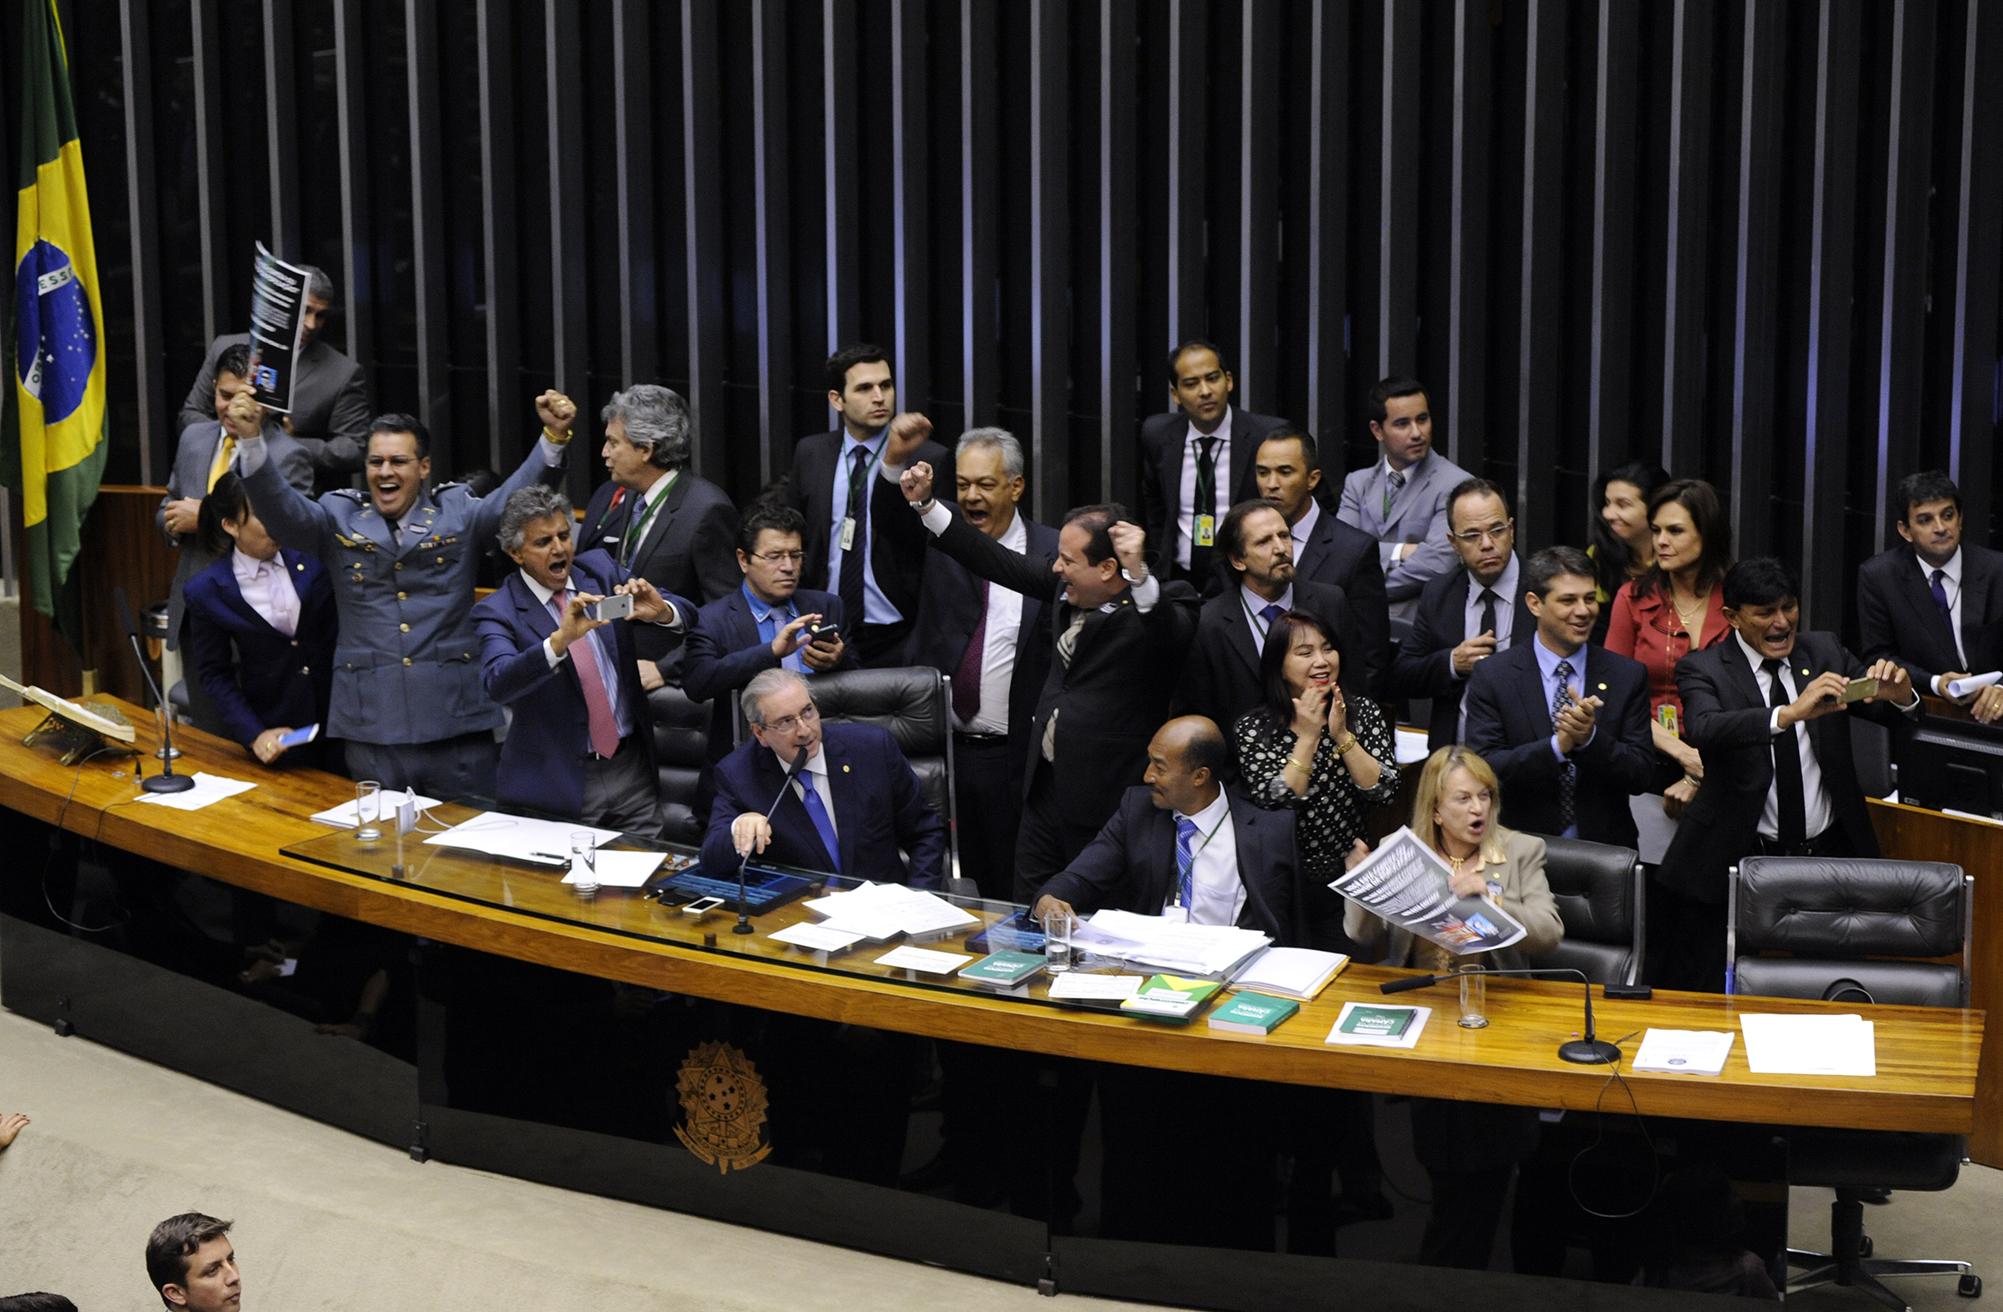 Em julho, a proposta foi aprovada em 1º turno com o voto favorável de 323 deputados e 155 votos contra (FOTO: Luis Macêdo/Câmara dos Deputados)